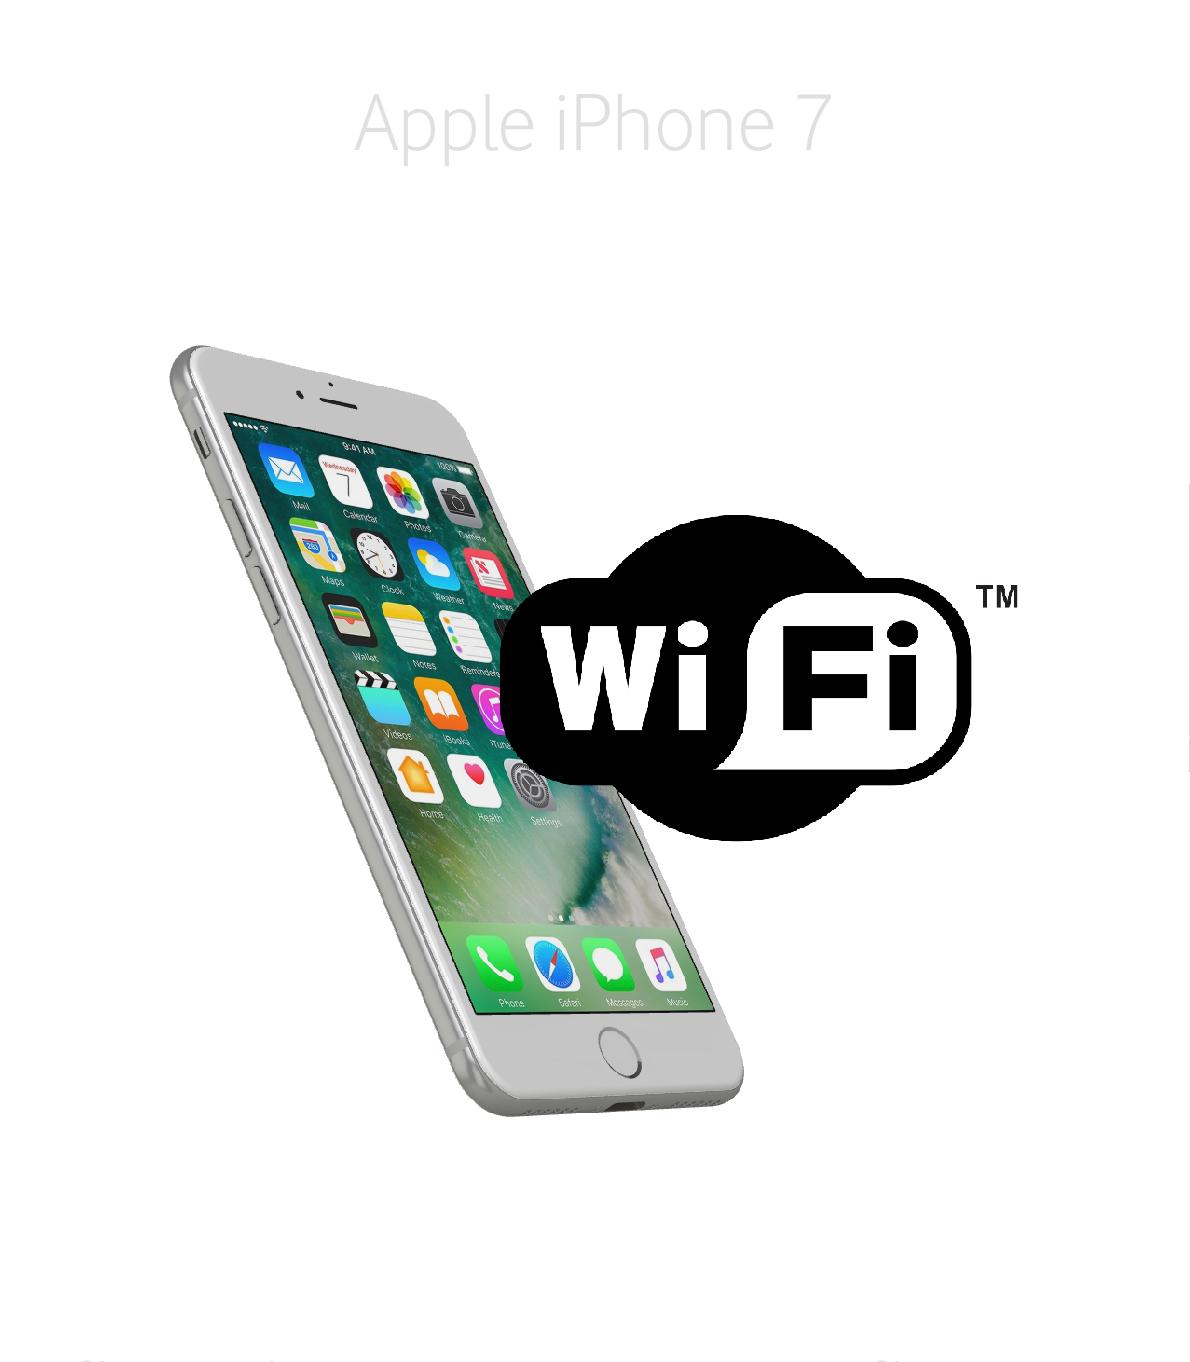 Laga Wifi iPhone 7